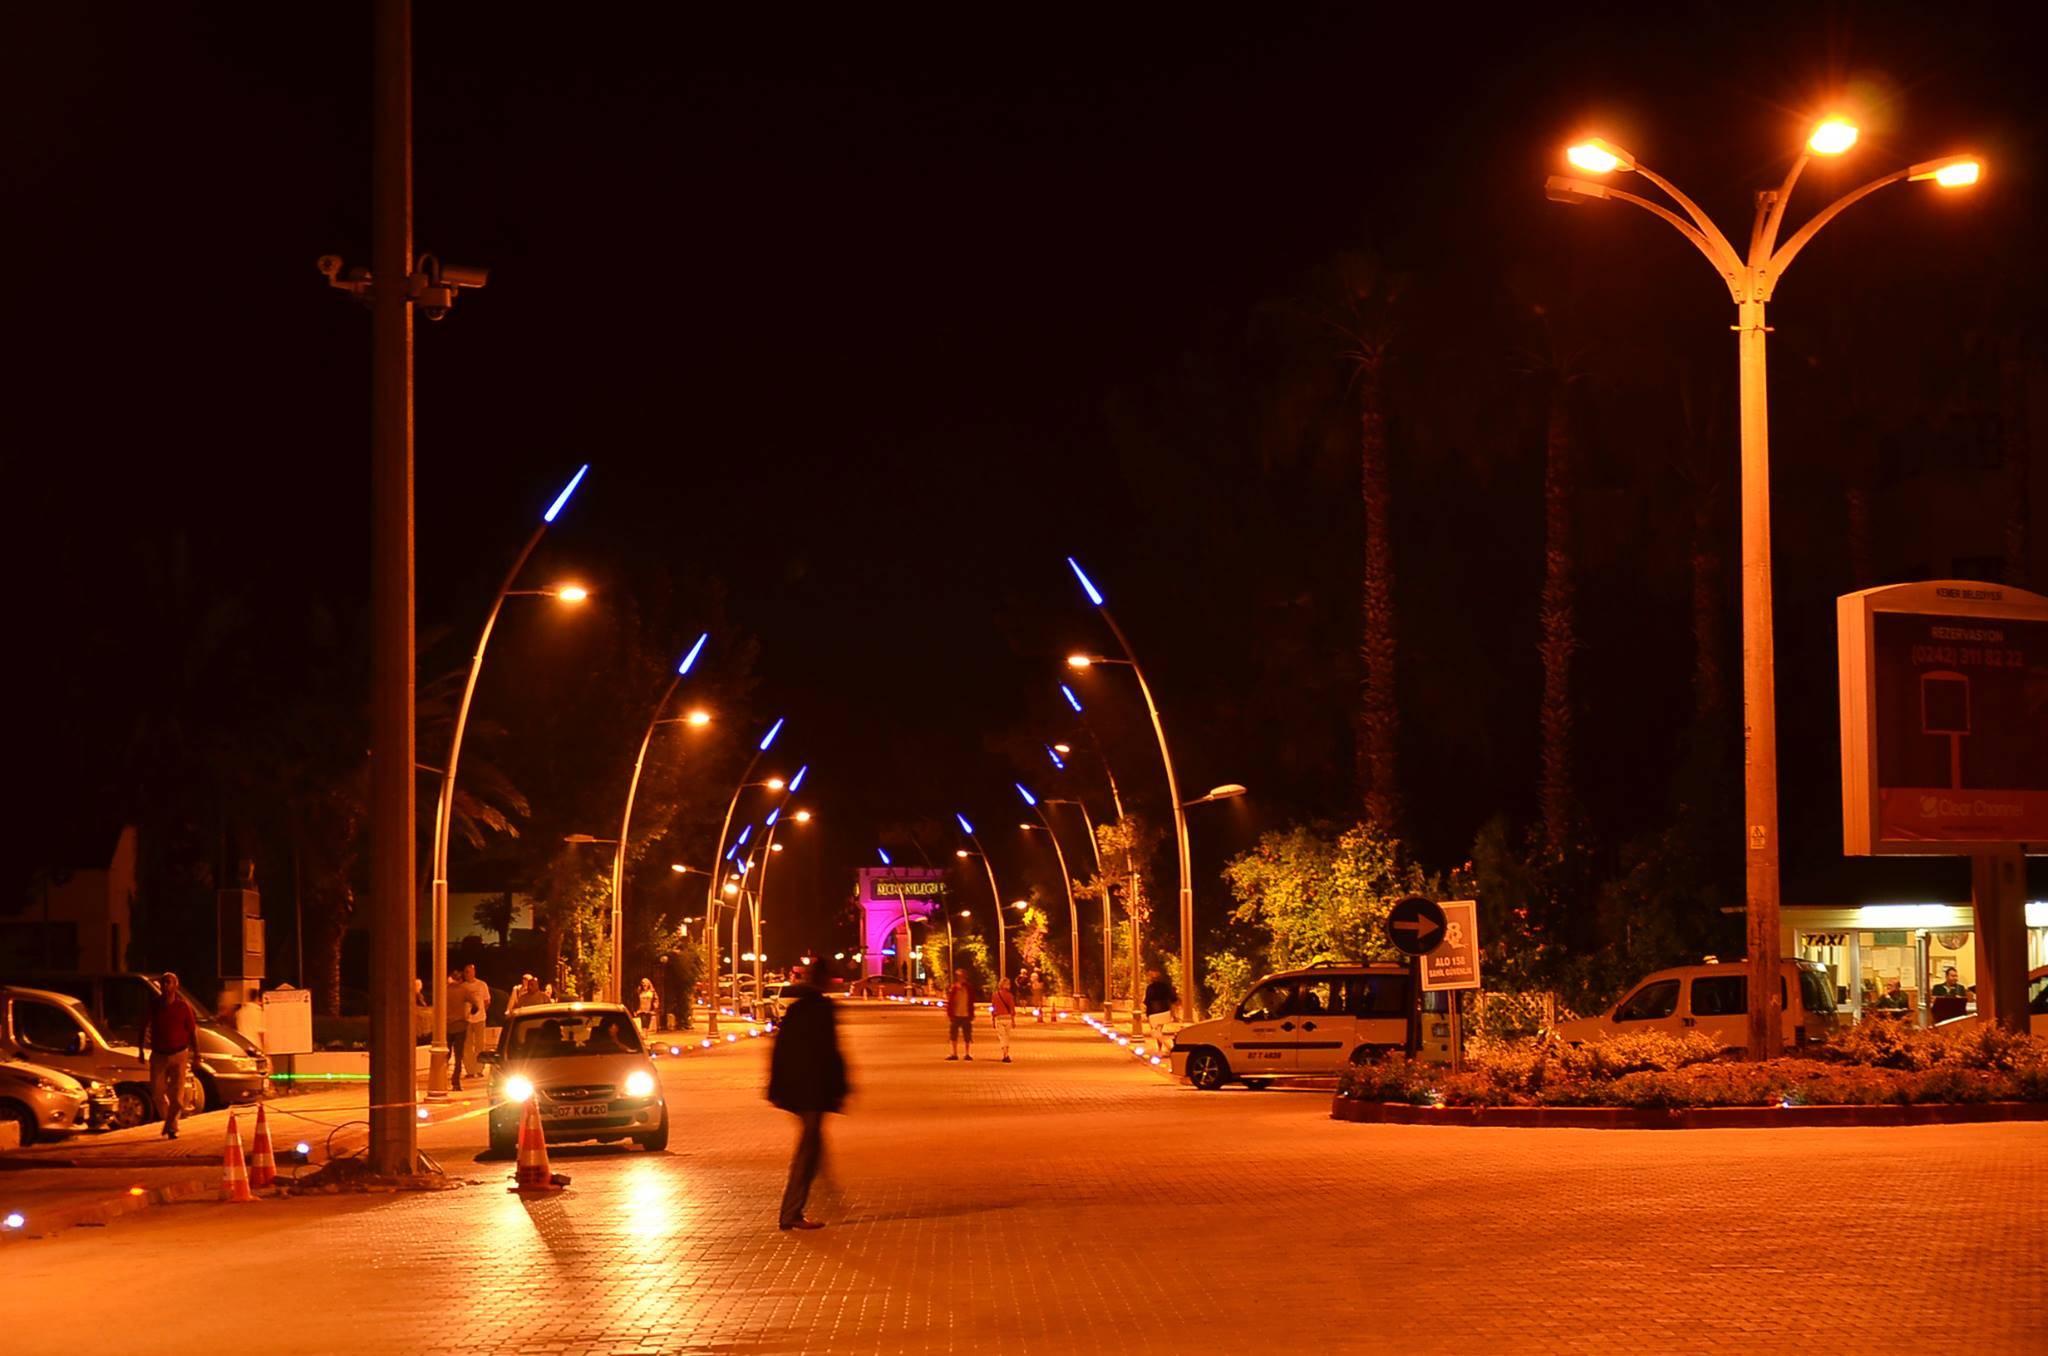 c tipi dekortatif sokak aydınlatma direği